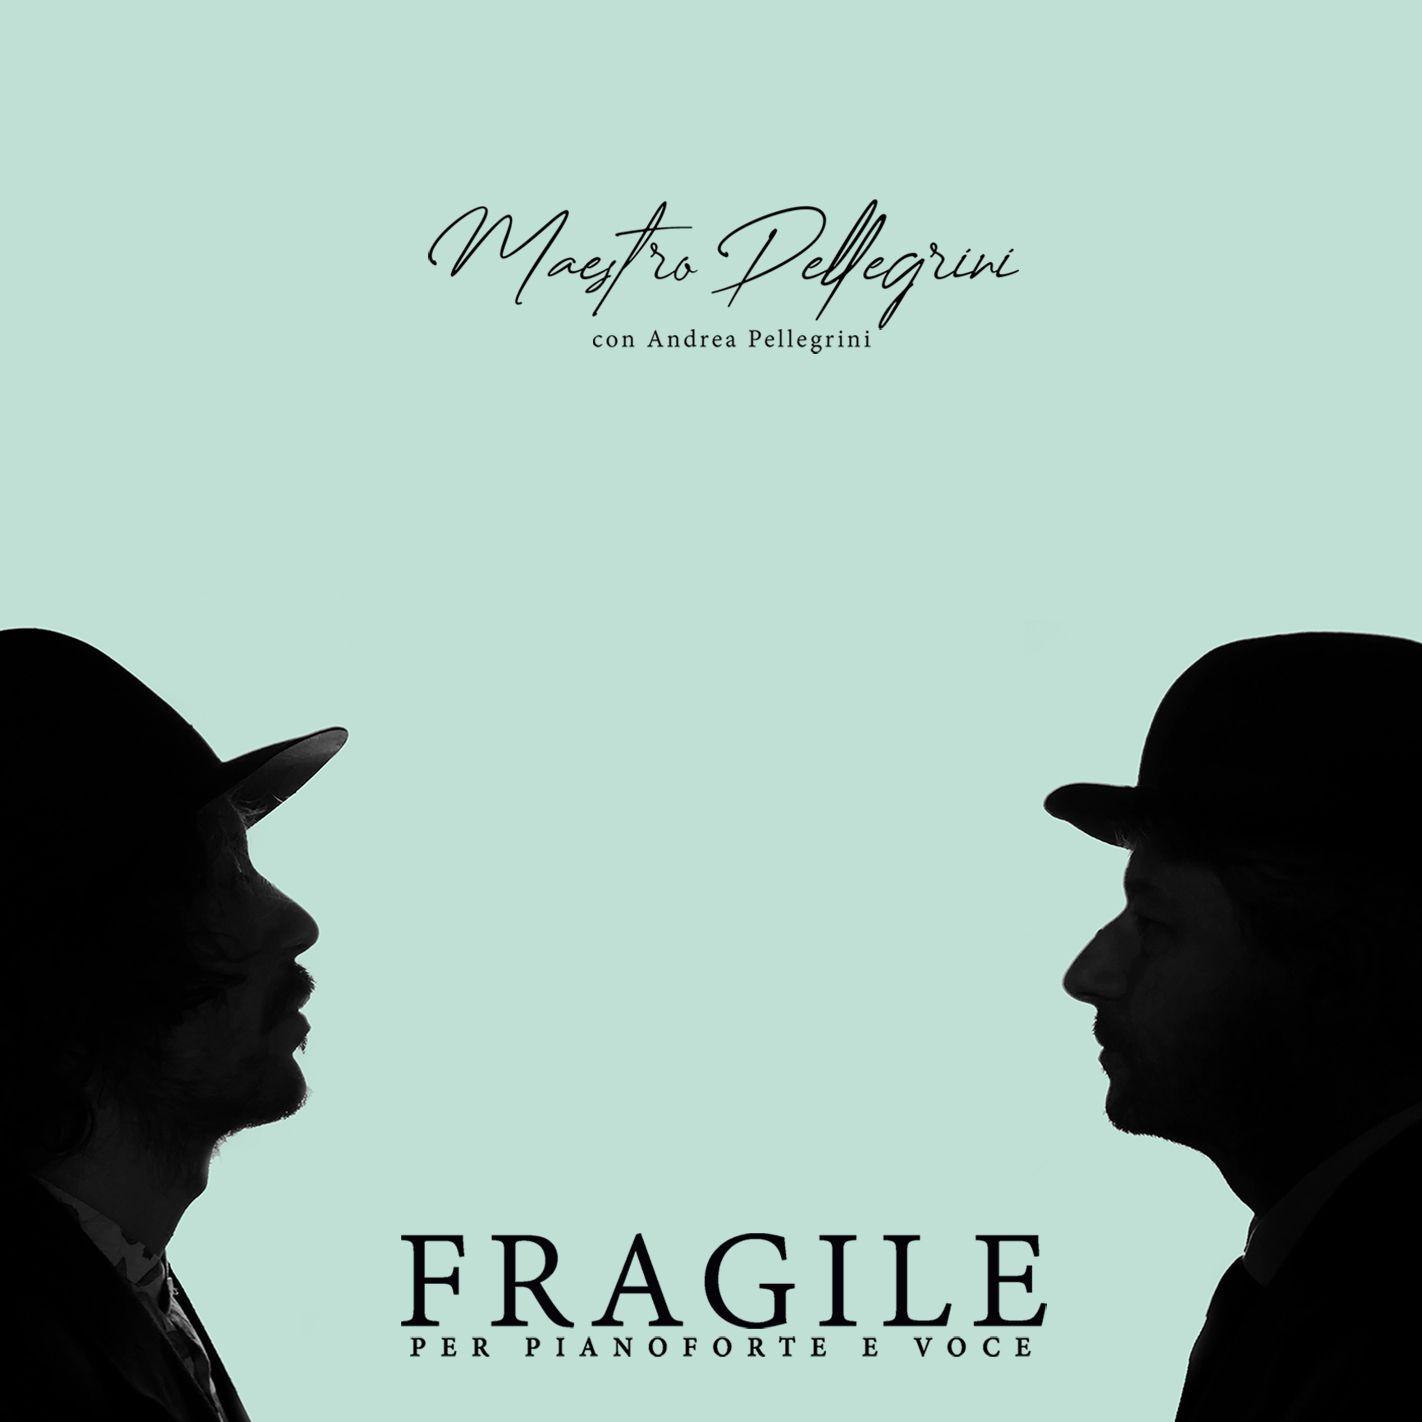 Fragile per pianoforte e voce: Maestro Pellegrini e suo padre Andrea